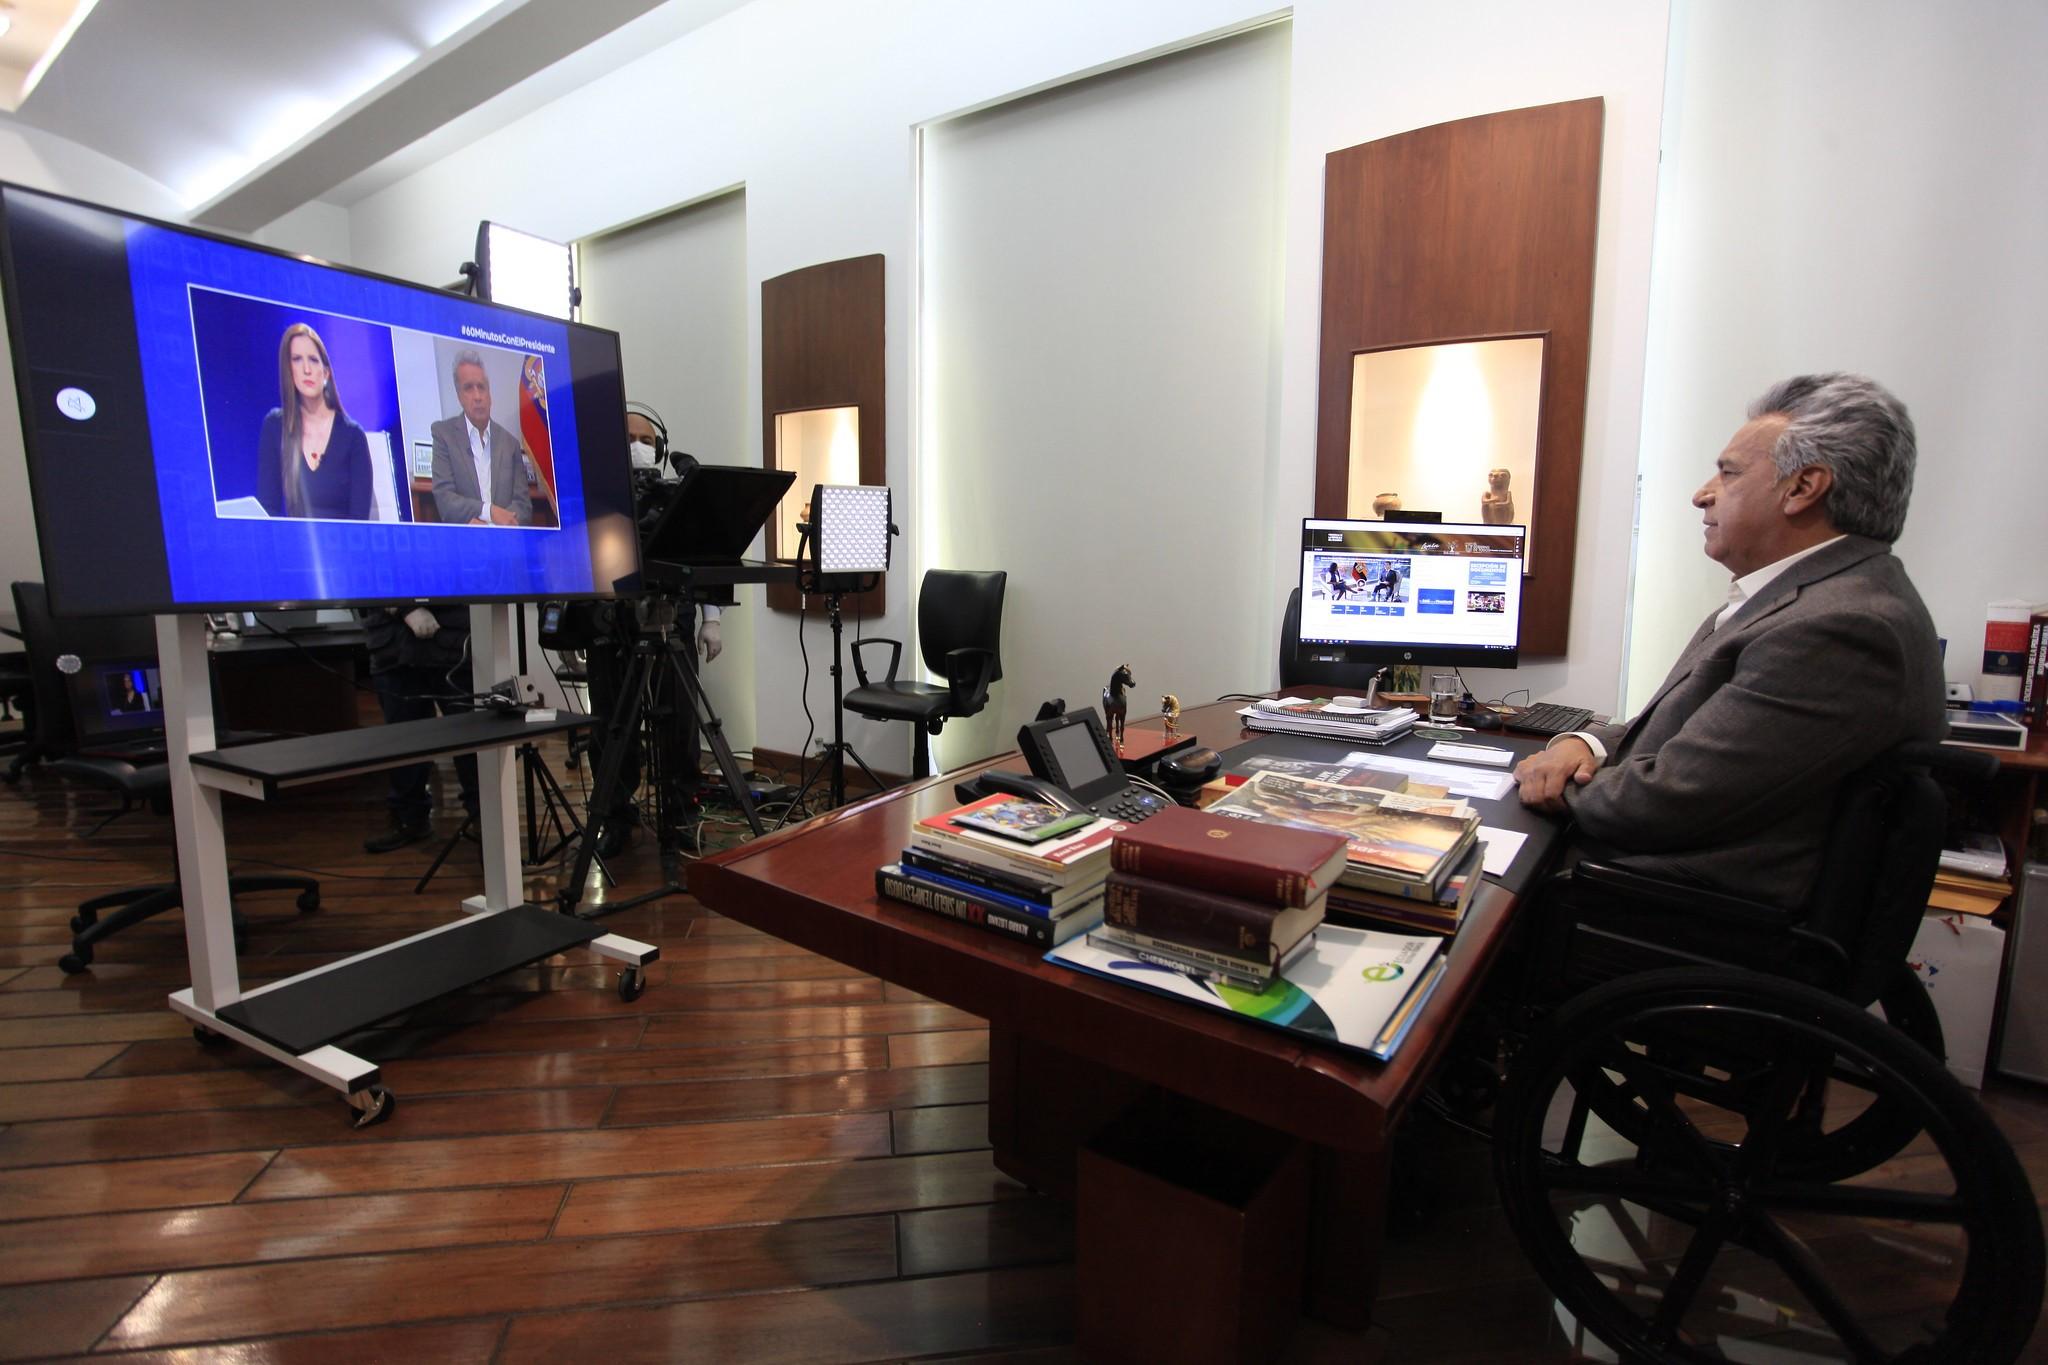 El 22 de marzo, el presidente Lenín Moreno atendió entrevistas mediante videoconferencia, desde su despacho. Foto: José Vargas / Presidencia de la República.